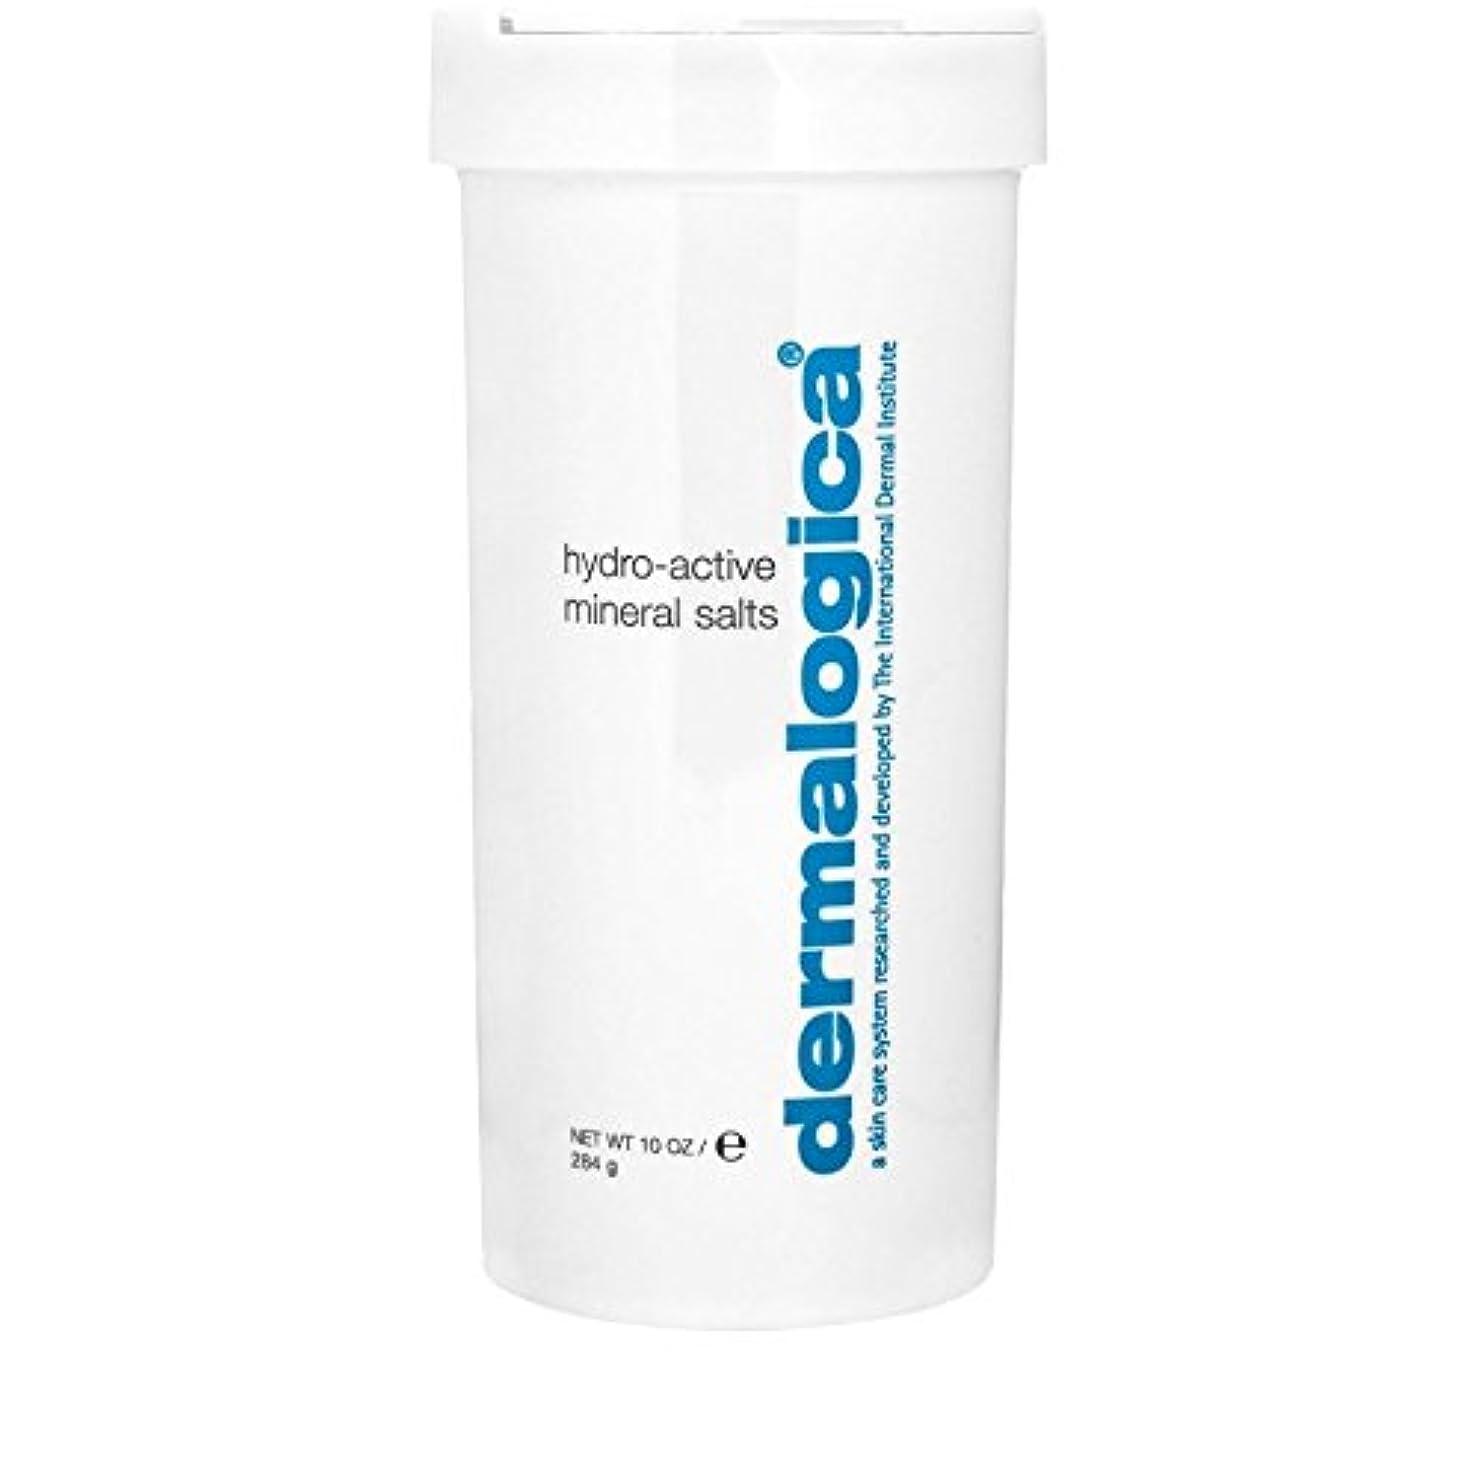 ベッドを作るジャーナリスト本を読むDermalogica Hydro Active Mineral Salt 284g - ダーマロジカ水力アクティブミネラル塩284グラム [並行輸入品]